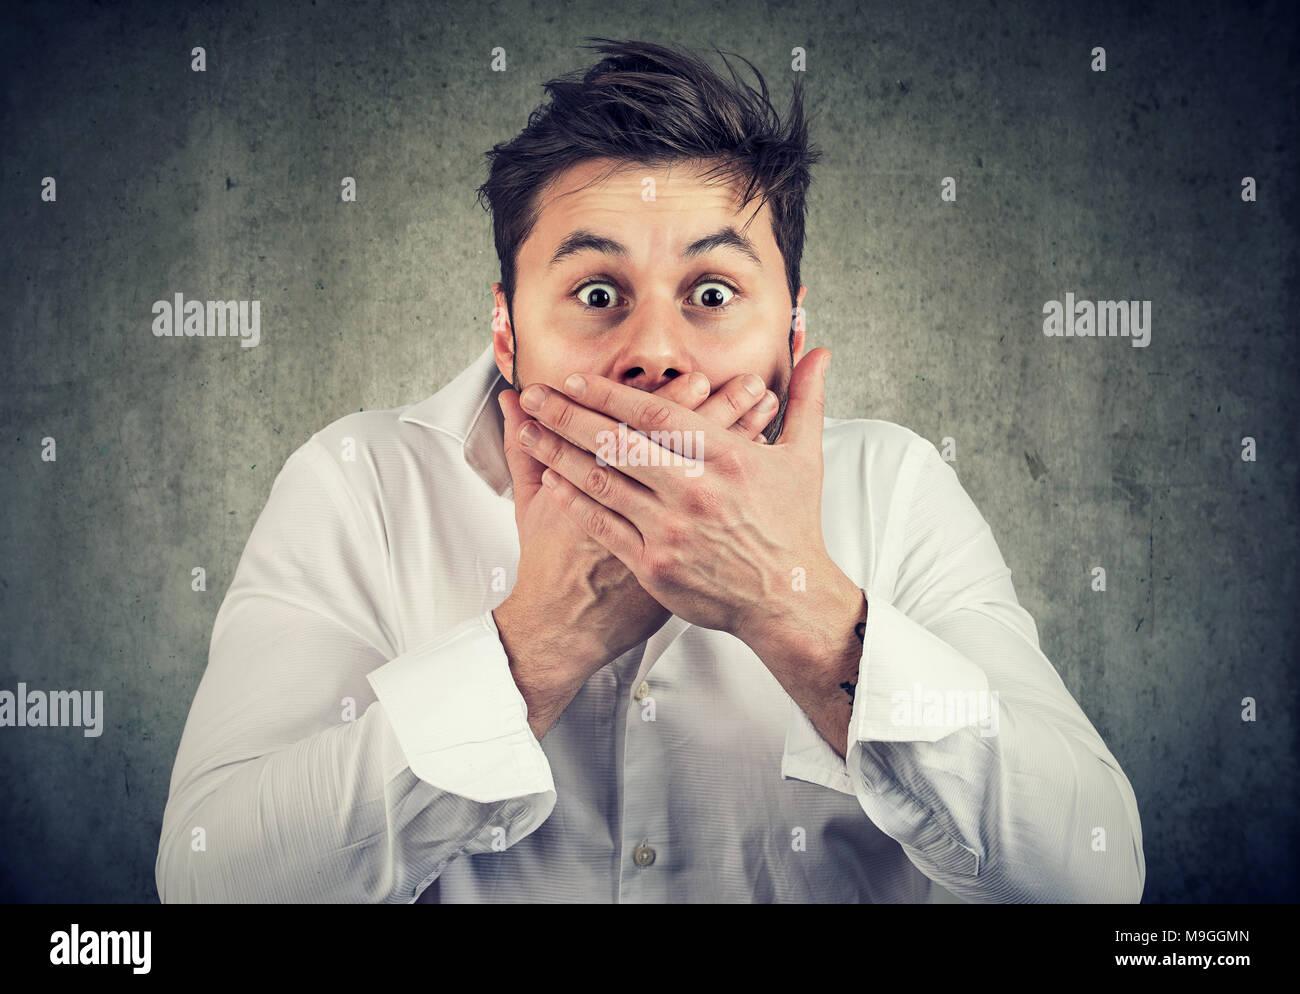 Junge schockiert Mann im weißen Hemd mit Mund halten Schreien während Kamera mit entsetzten Gesichtsausdruck. Stockbild